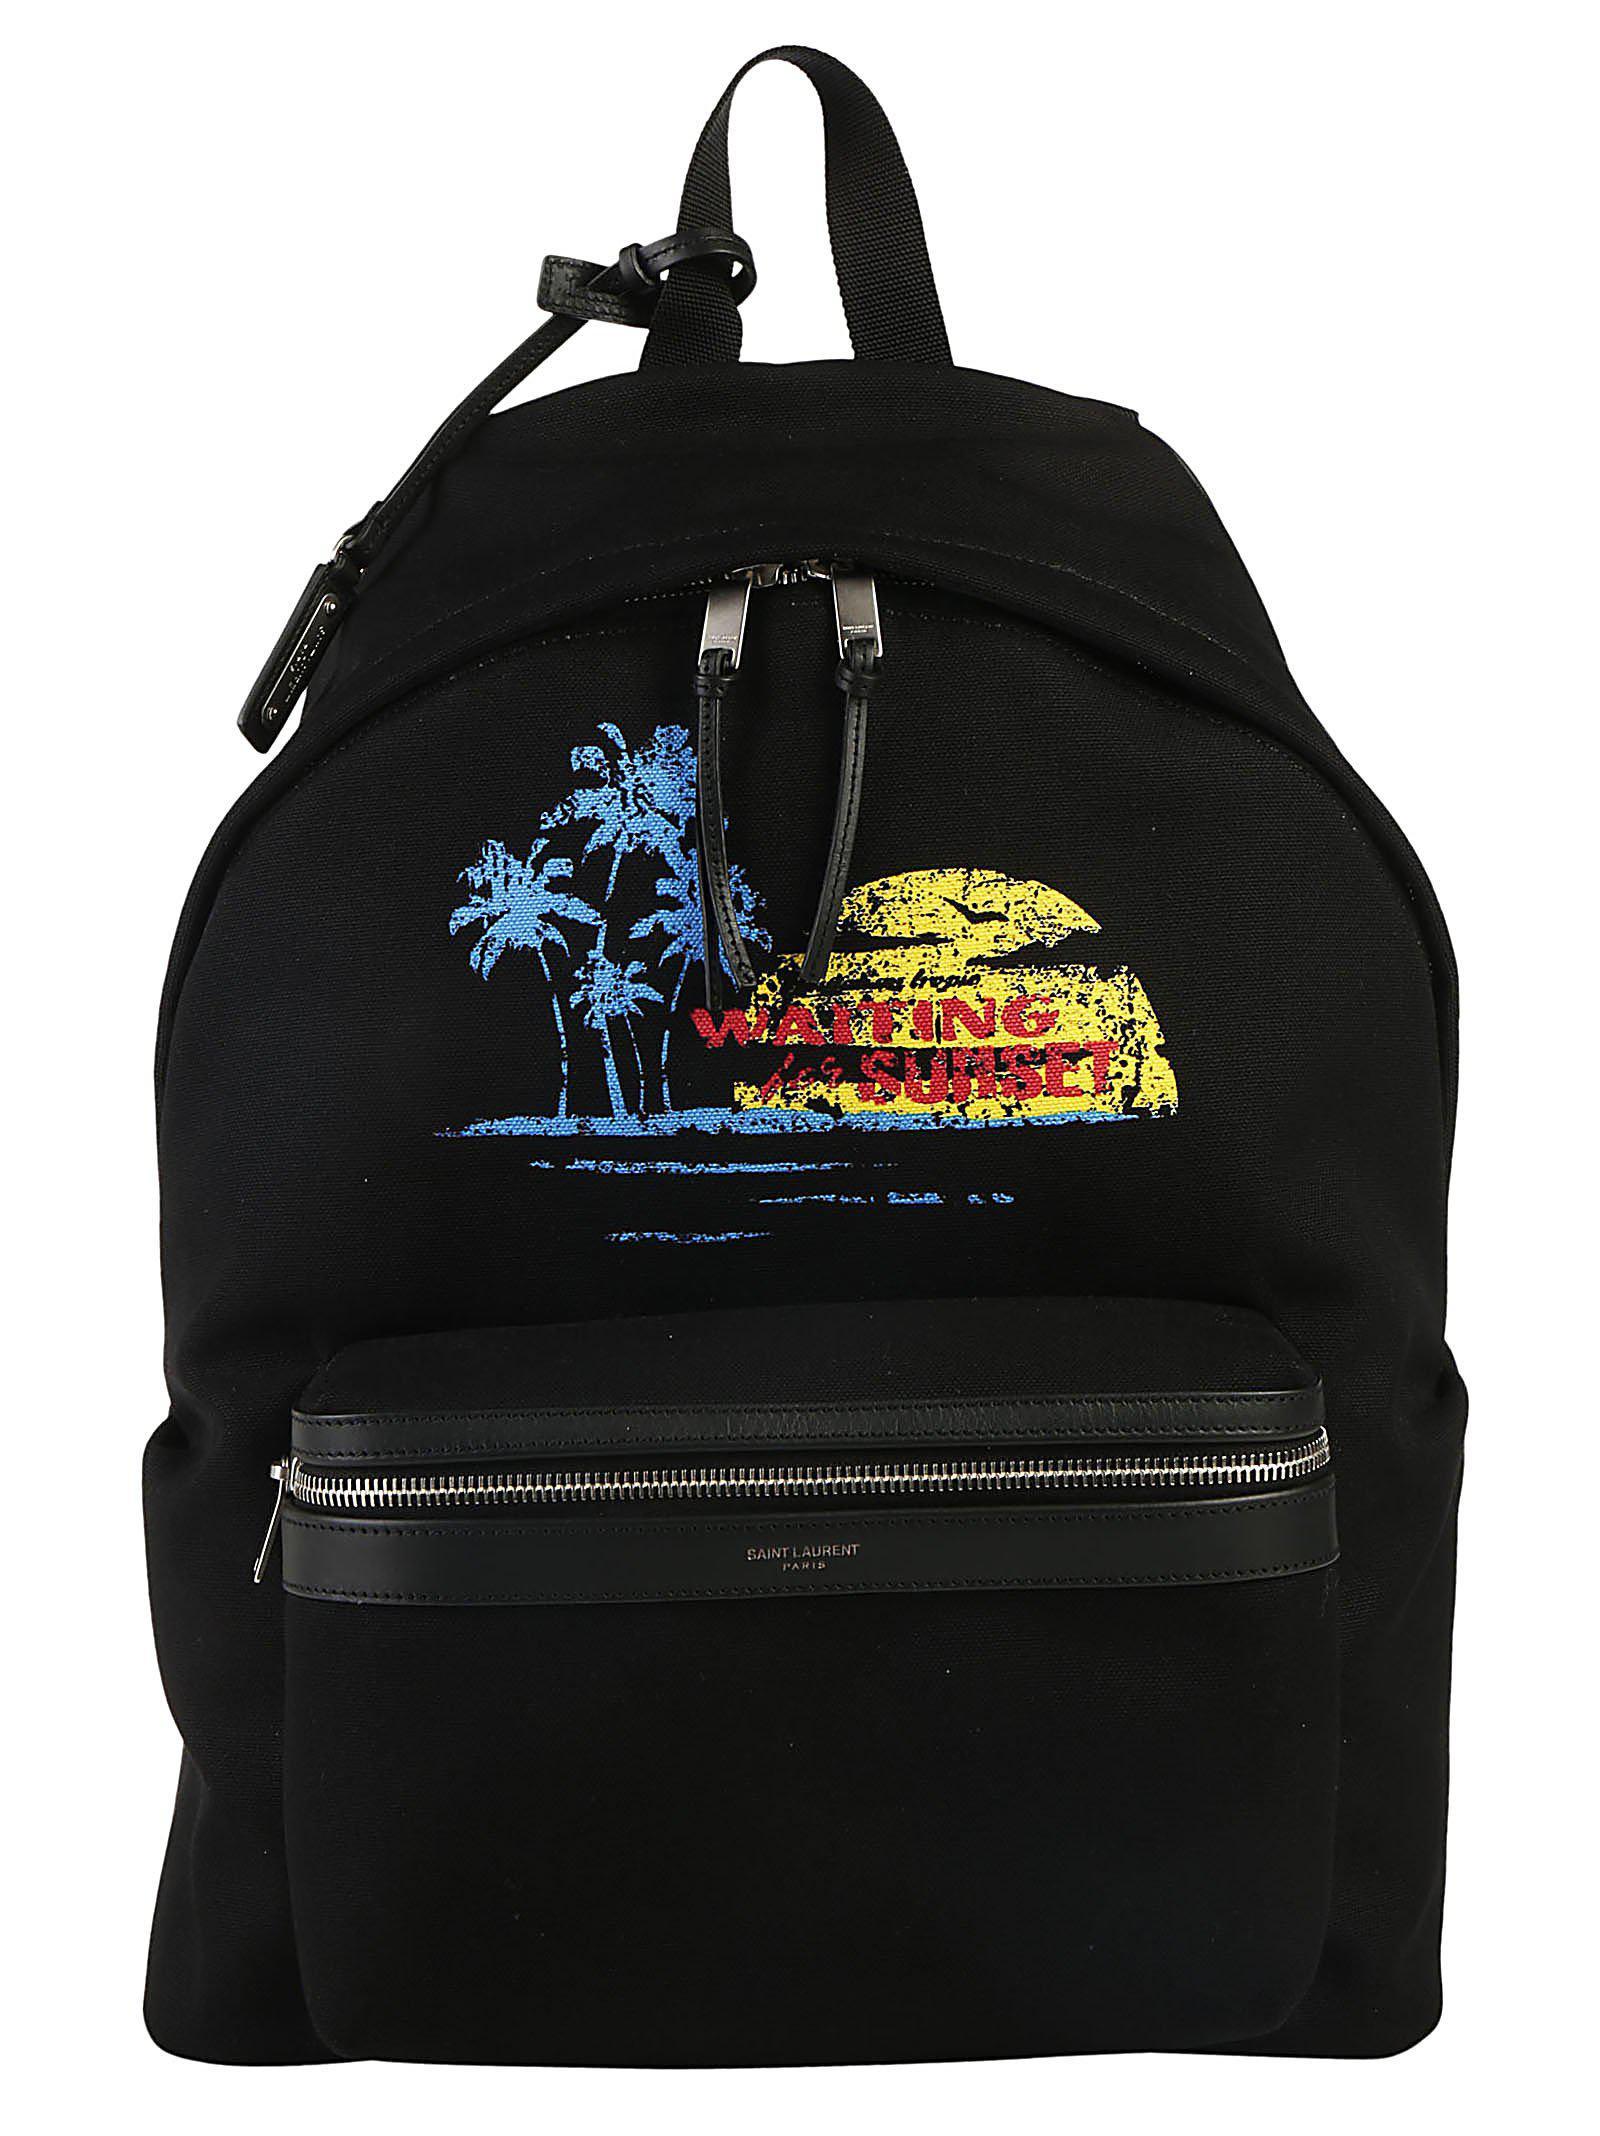 Saint Laurent Waiting For Sunset City Backpack in Black for Men - Lyst e61d1640e2c46